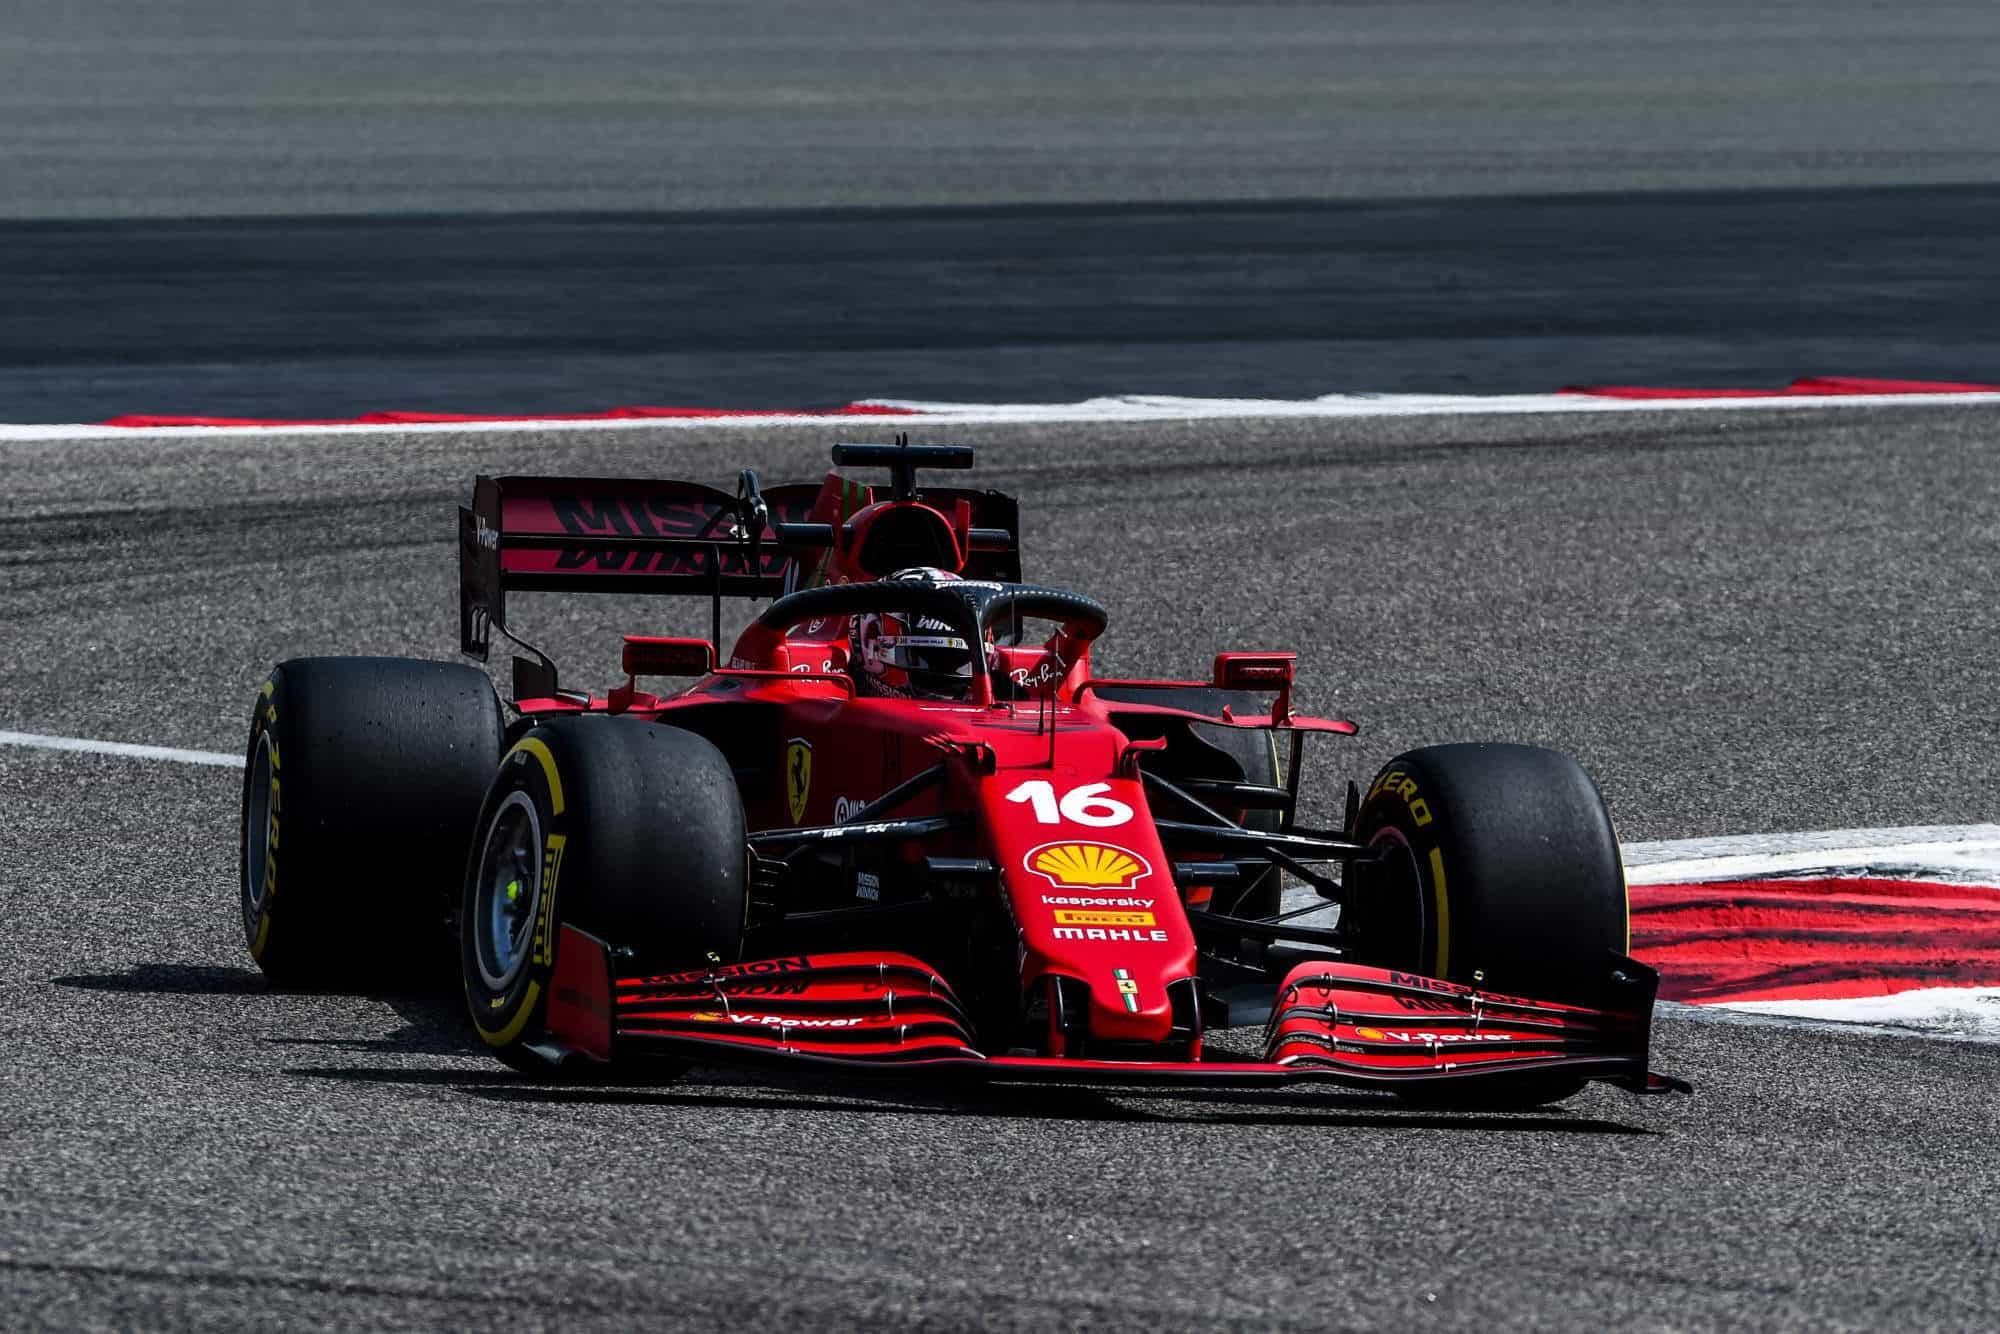 2021 Leclerc Ferrari SF21 Bahrain testing Photo Ferrari